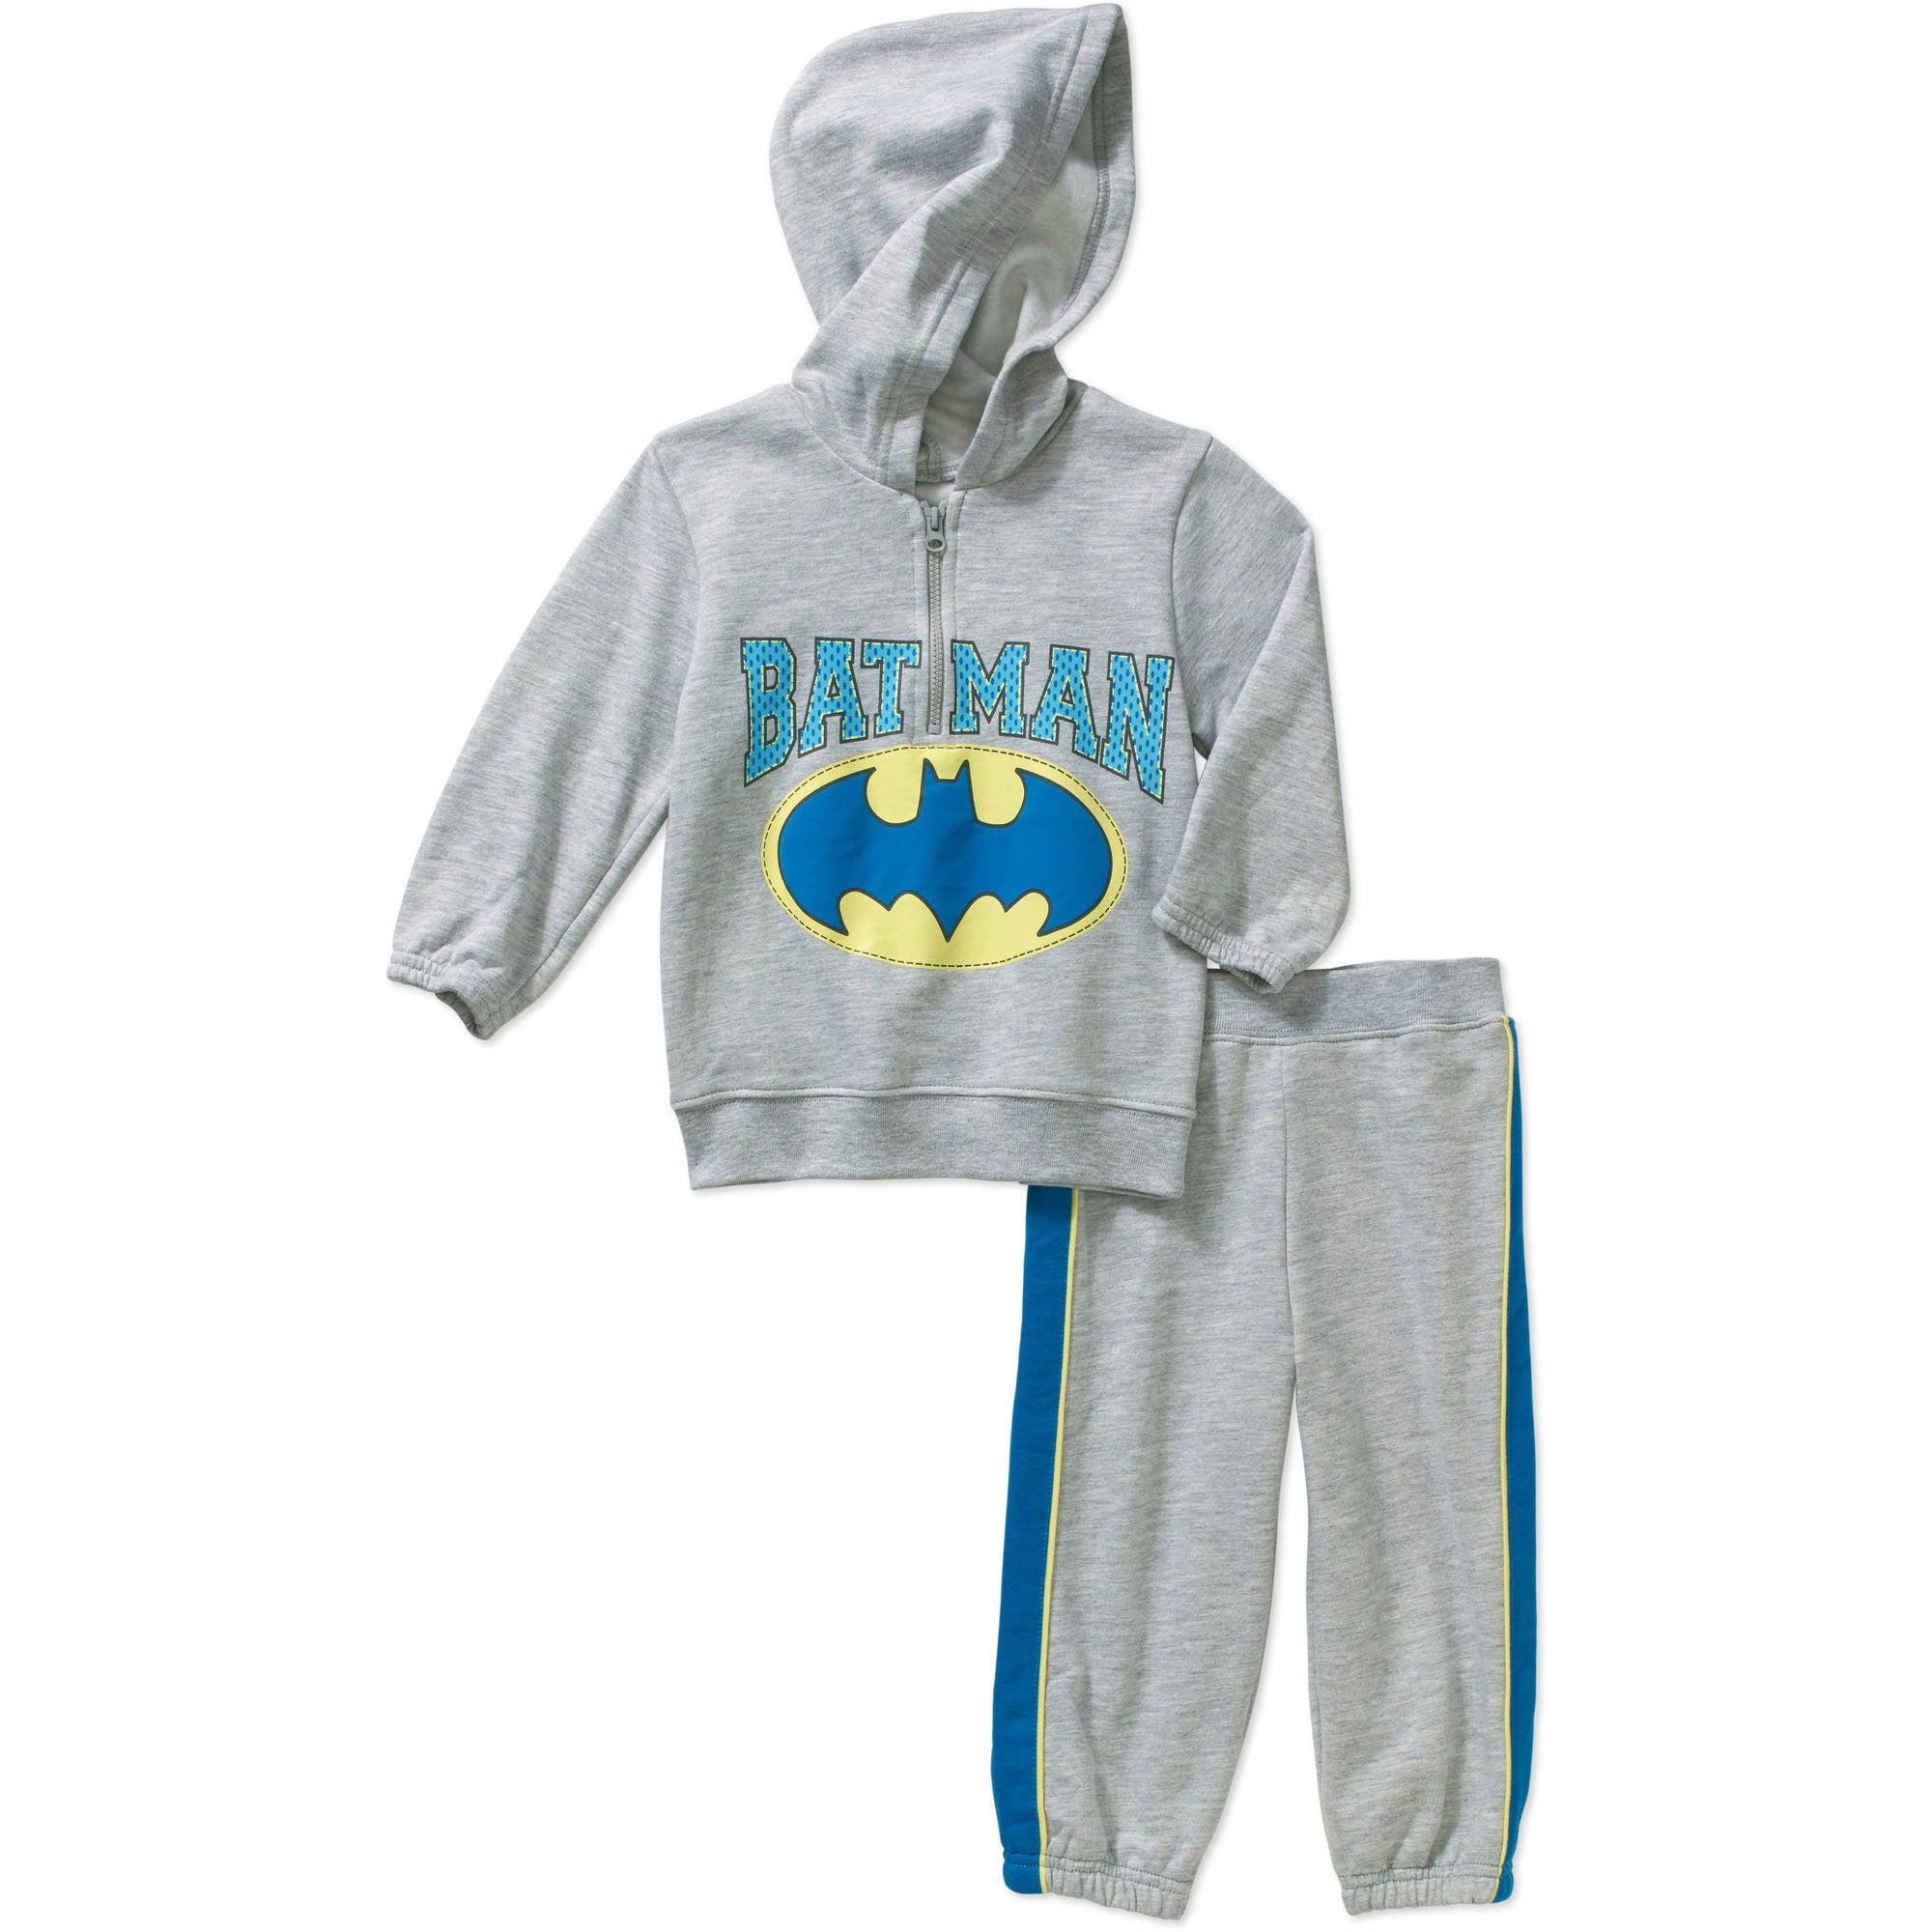 Batman Toddler Boy Half Zip Hooded Fleece Top and Pant Set